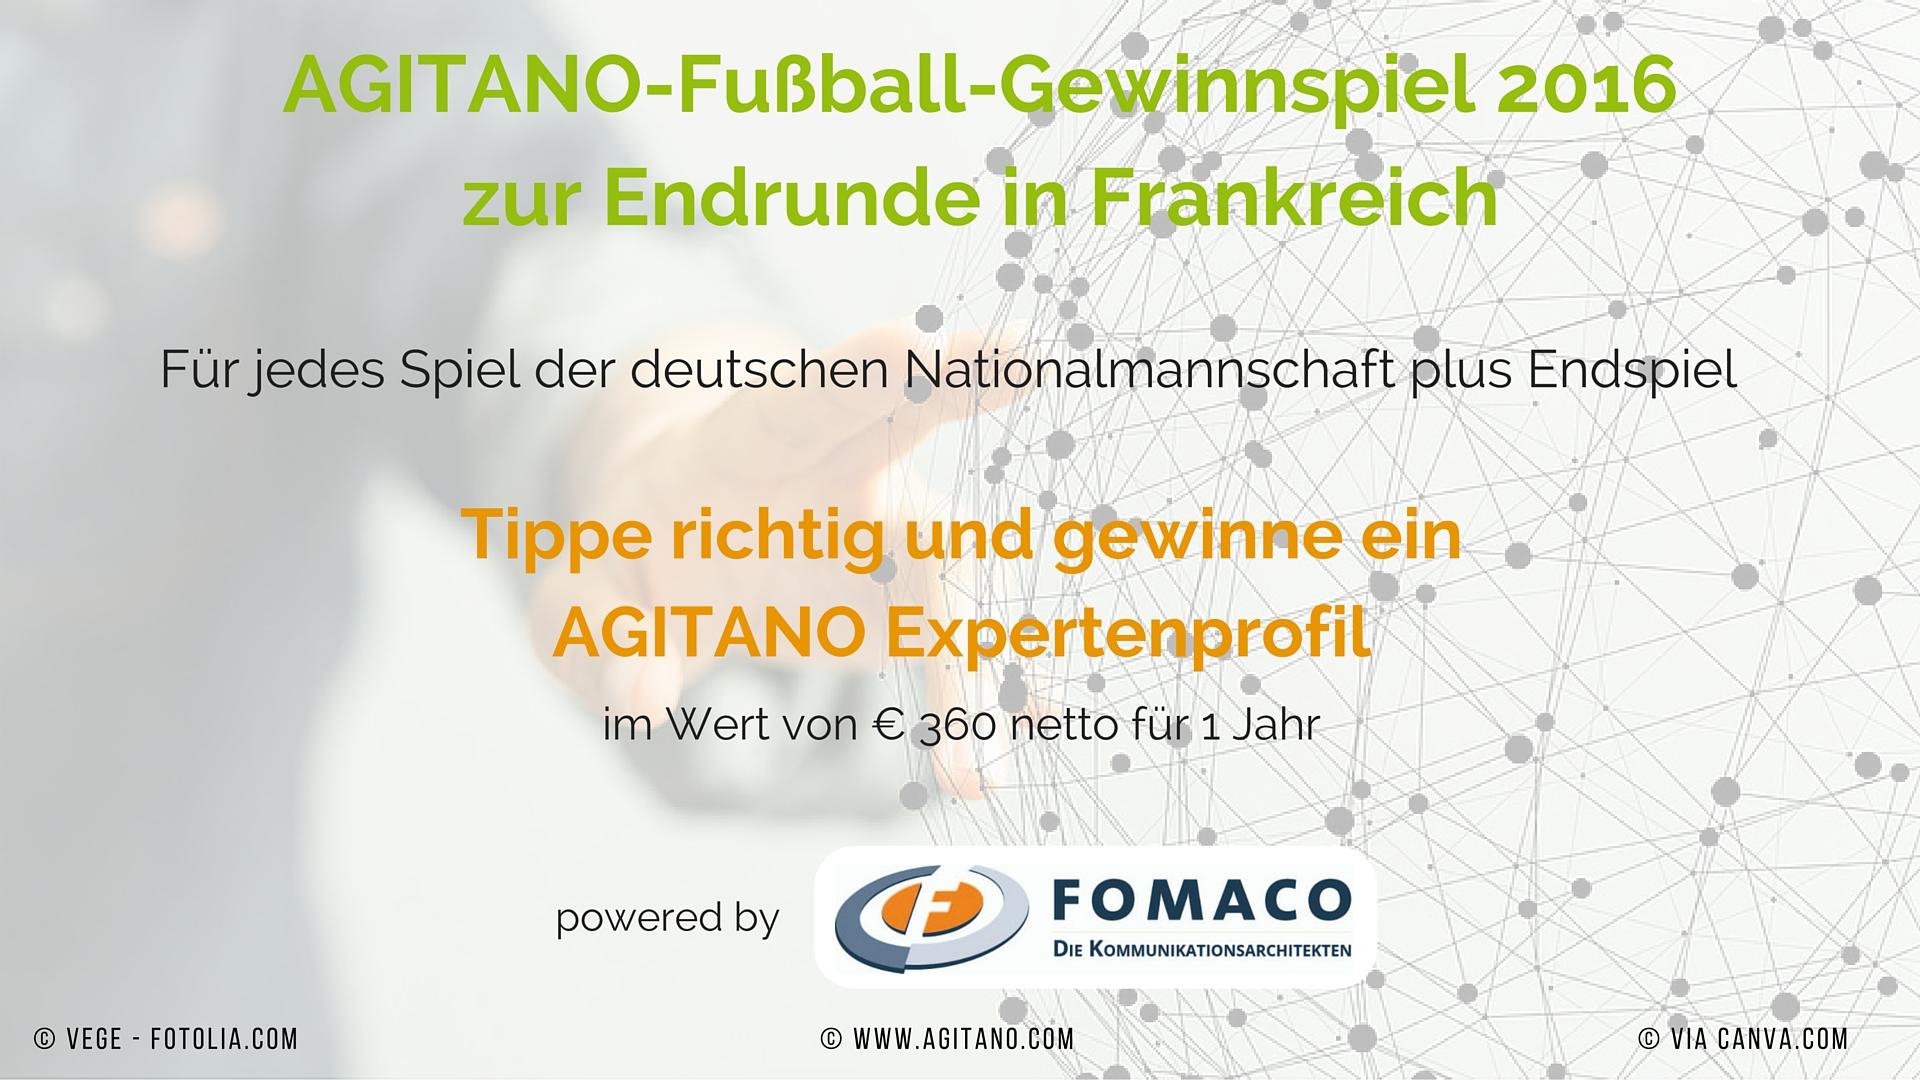 Fußball, AGITANO-Fußball-Gewinnspiel, Frankreich, Gewinnspiel, AGITANO